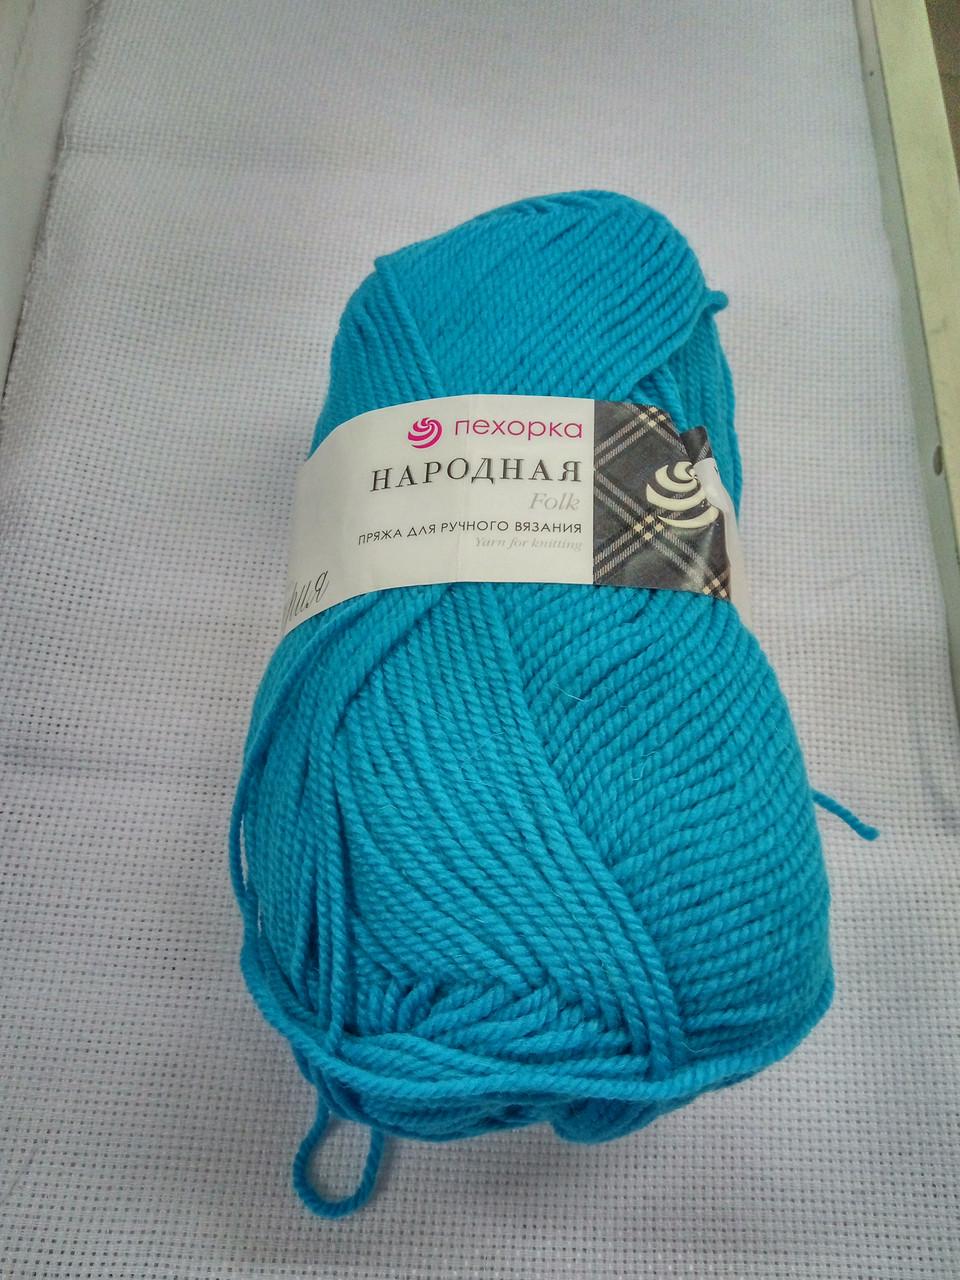 нитки для ручного вязания пряжа народная темная бирюзаполушерсть